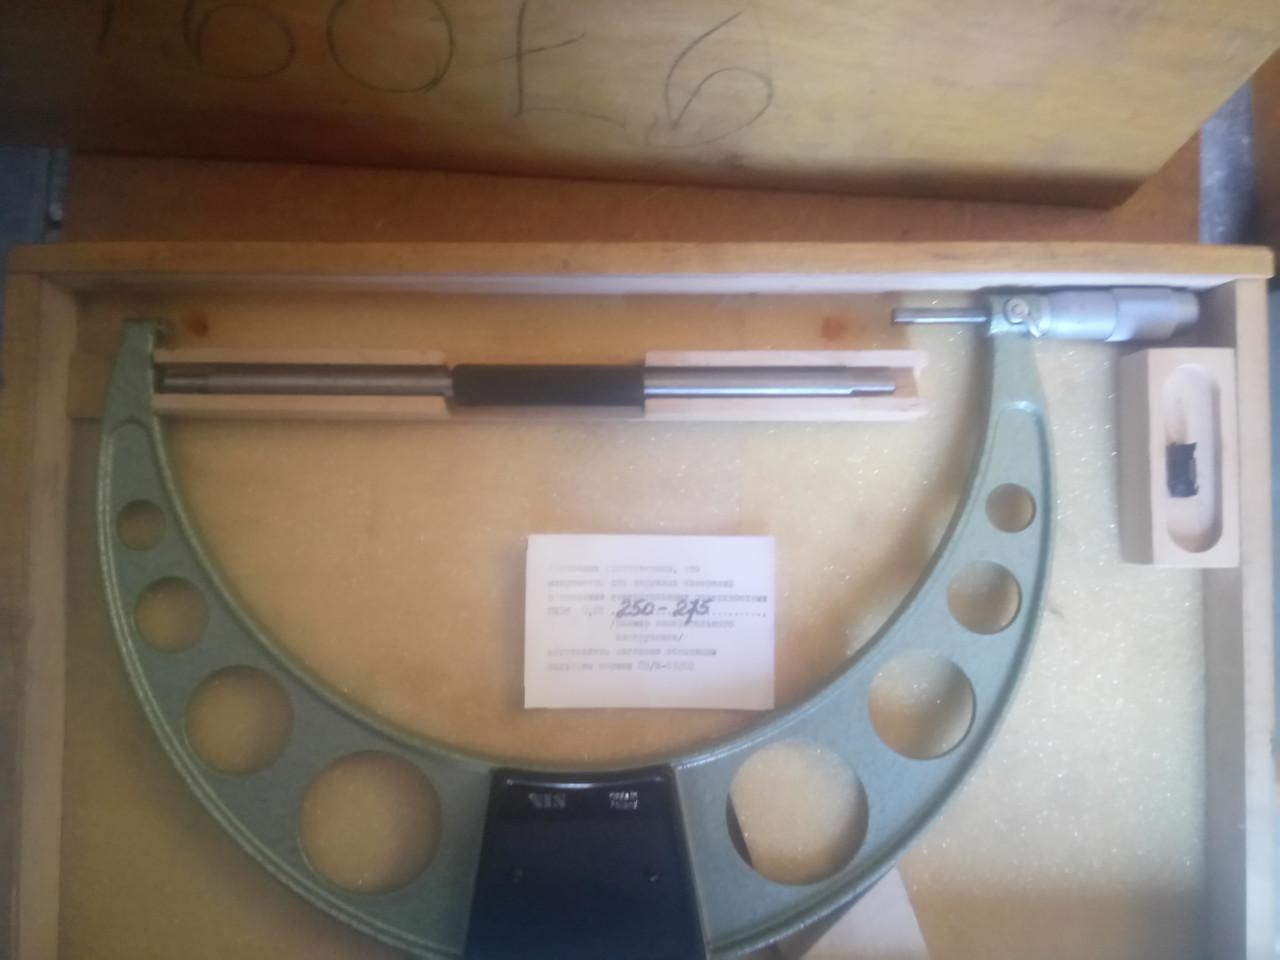 Микрометр гладкий МК 250-275(Польша)  ГОСТ6507-90(Возможна калибровка в УкрЦСМ)